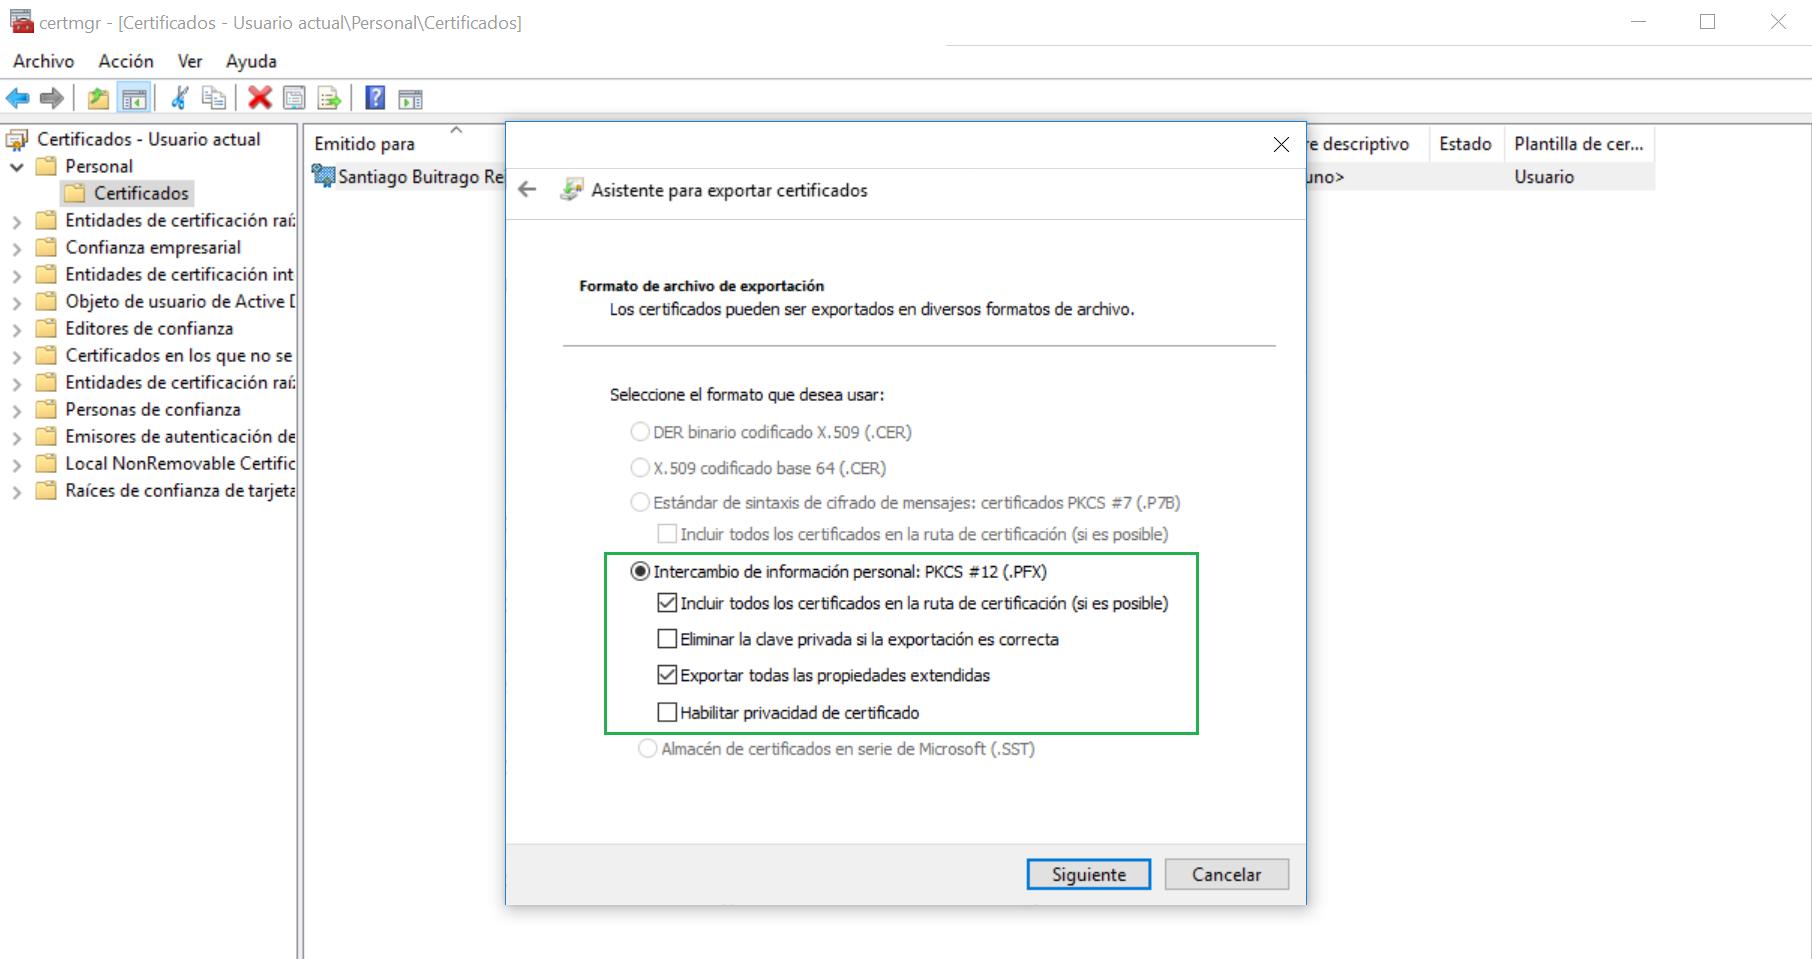 instalar_certificados_usuarios_via_gpo_05